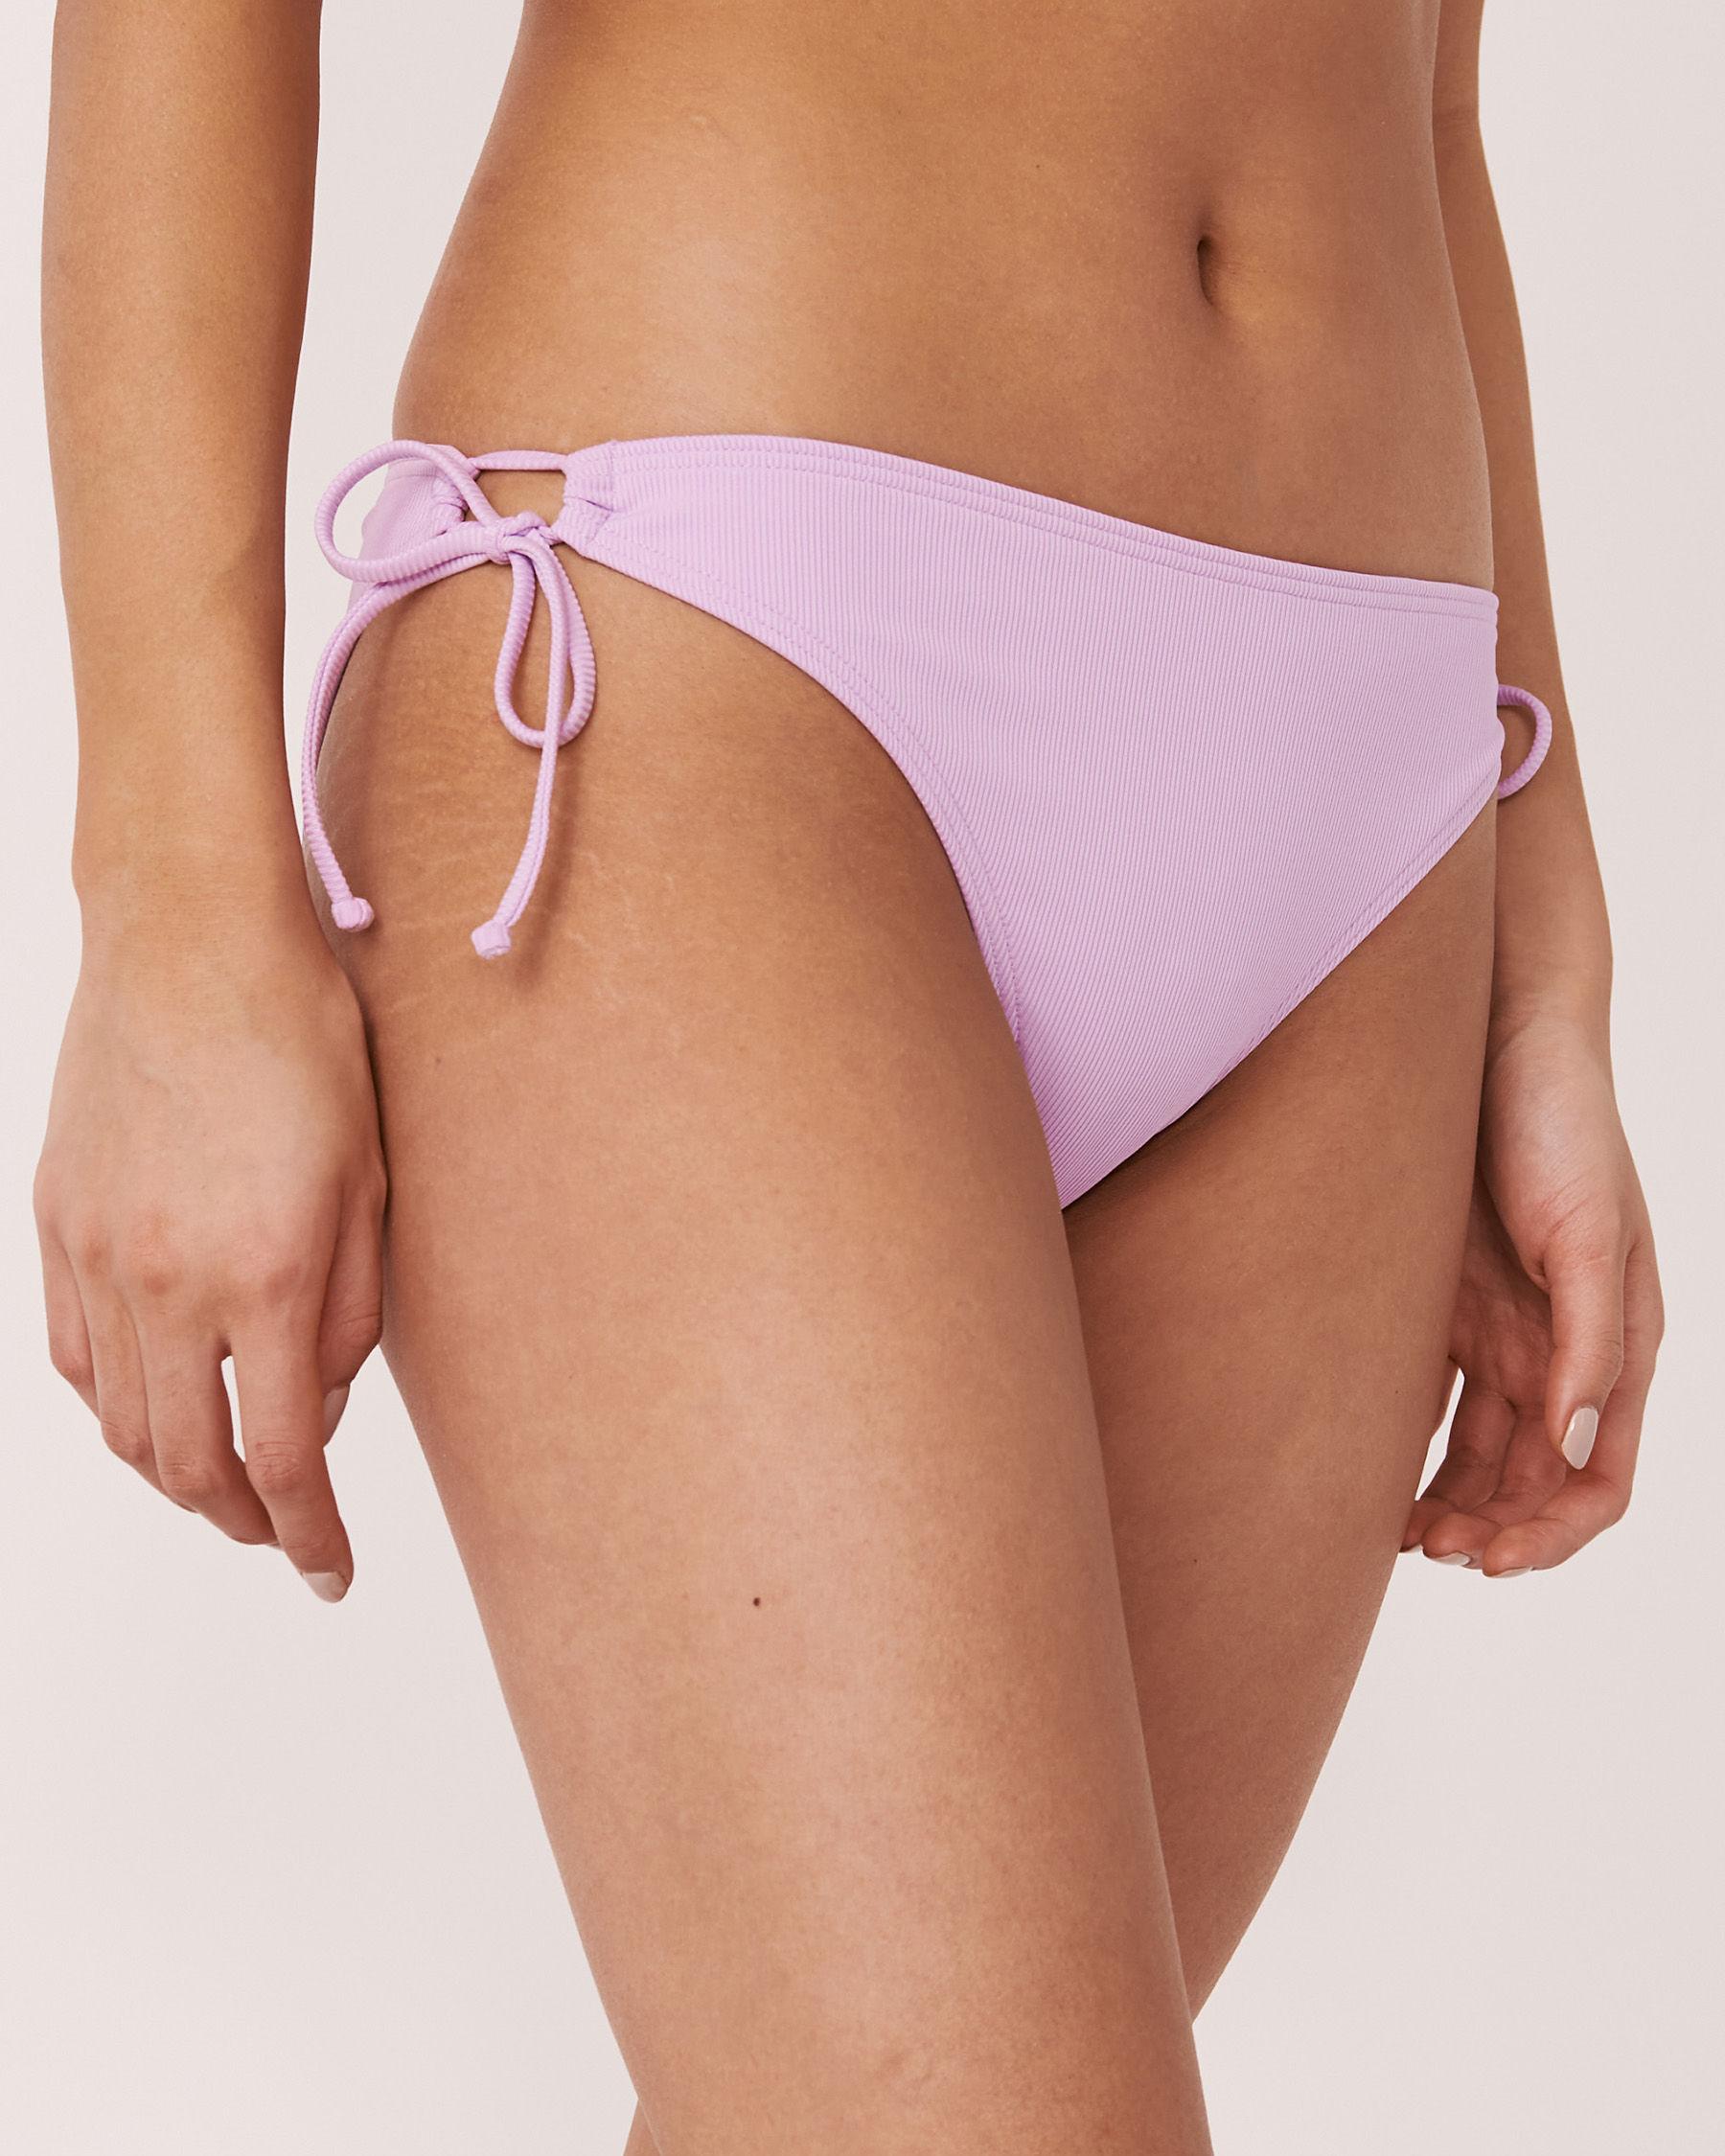 AQUAROSE Bas de bikini brésilien en fibres recyclées SOLID RIB Lilas 70300052 - Voir1